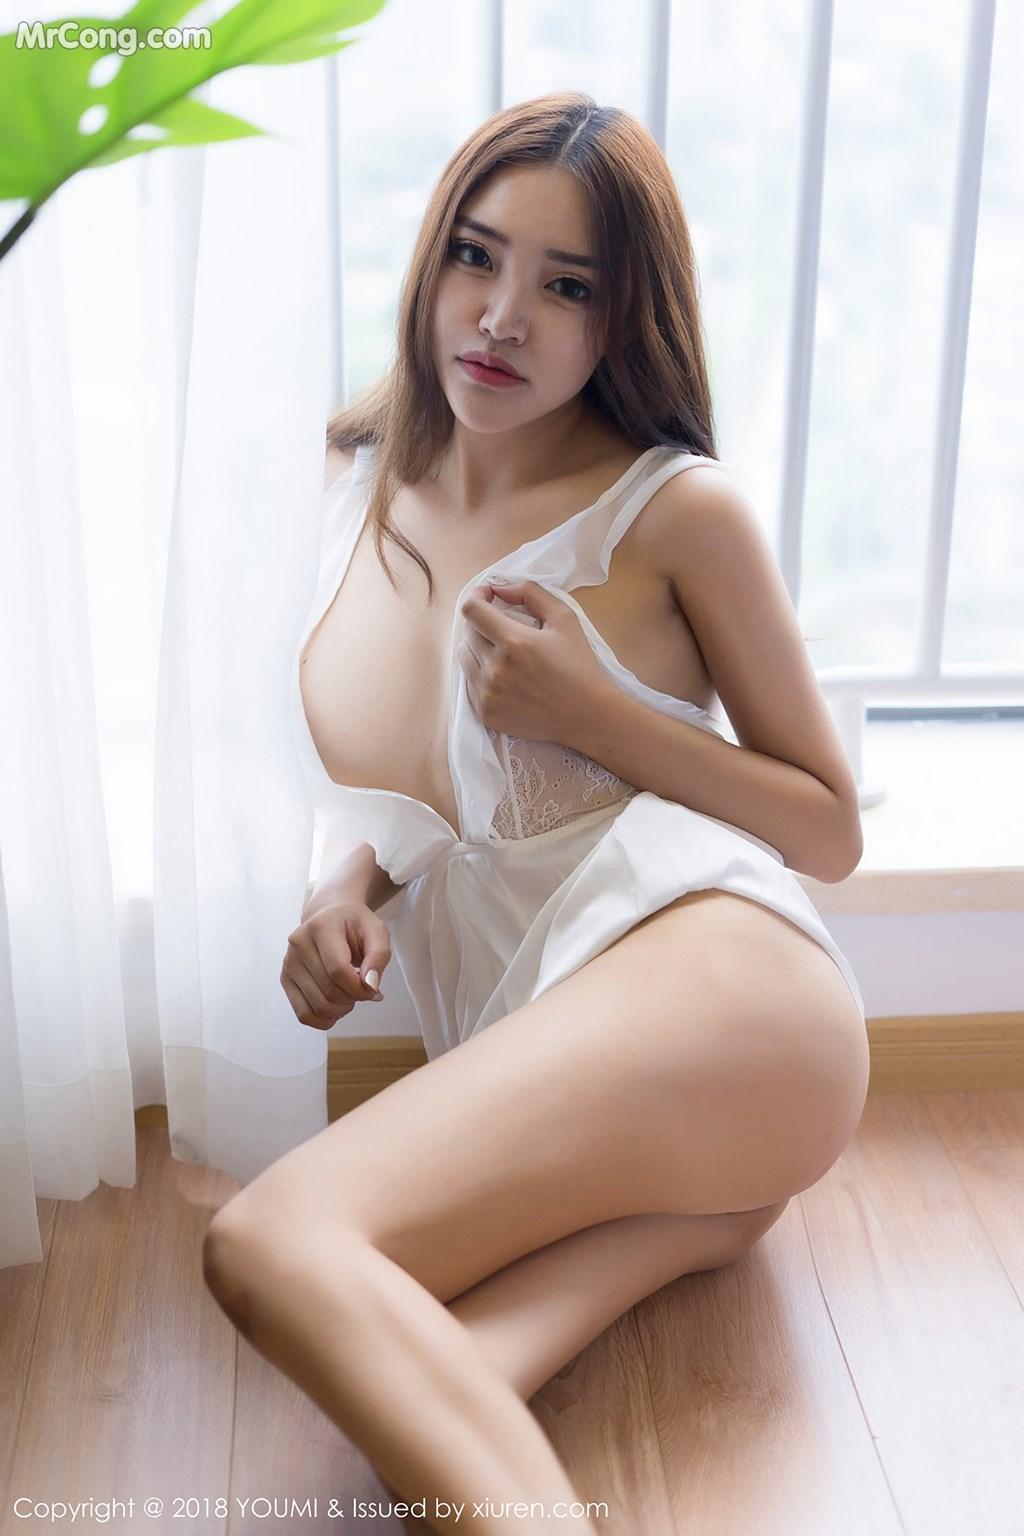 Image YouMi-Vol.232-MrCong.com-010 in post YouMi Vol.232: Người mẫu 拉菲妹妹 (45 ảnh)